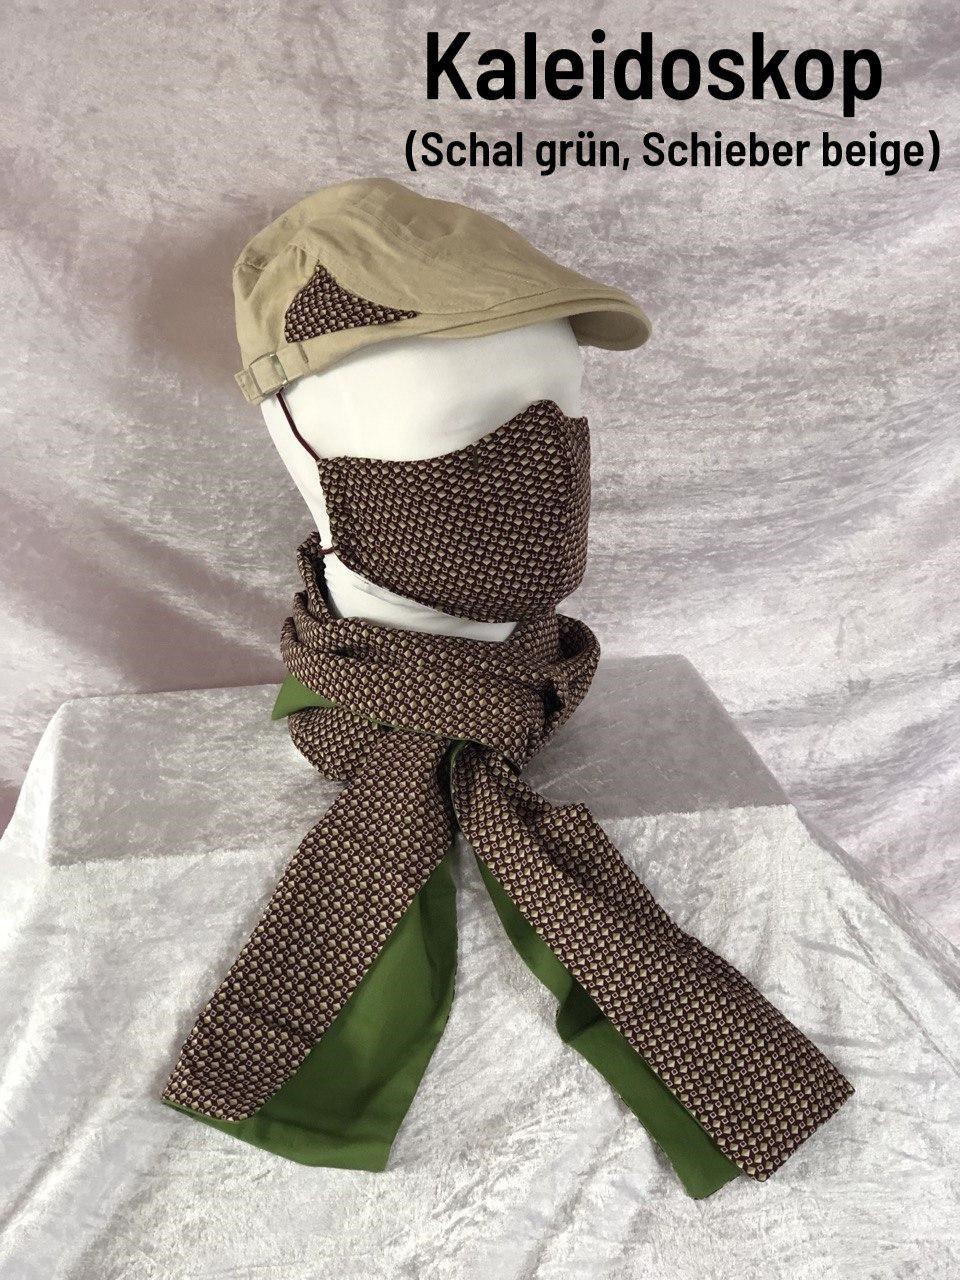 B4 - Maske + Schal grün + Schieber beige